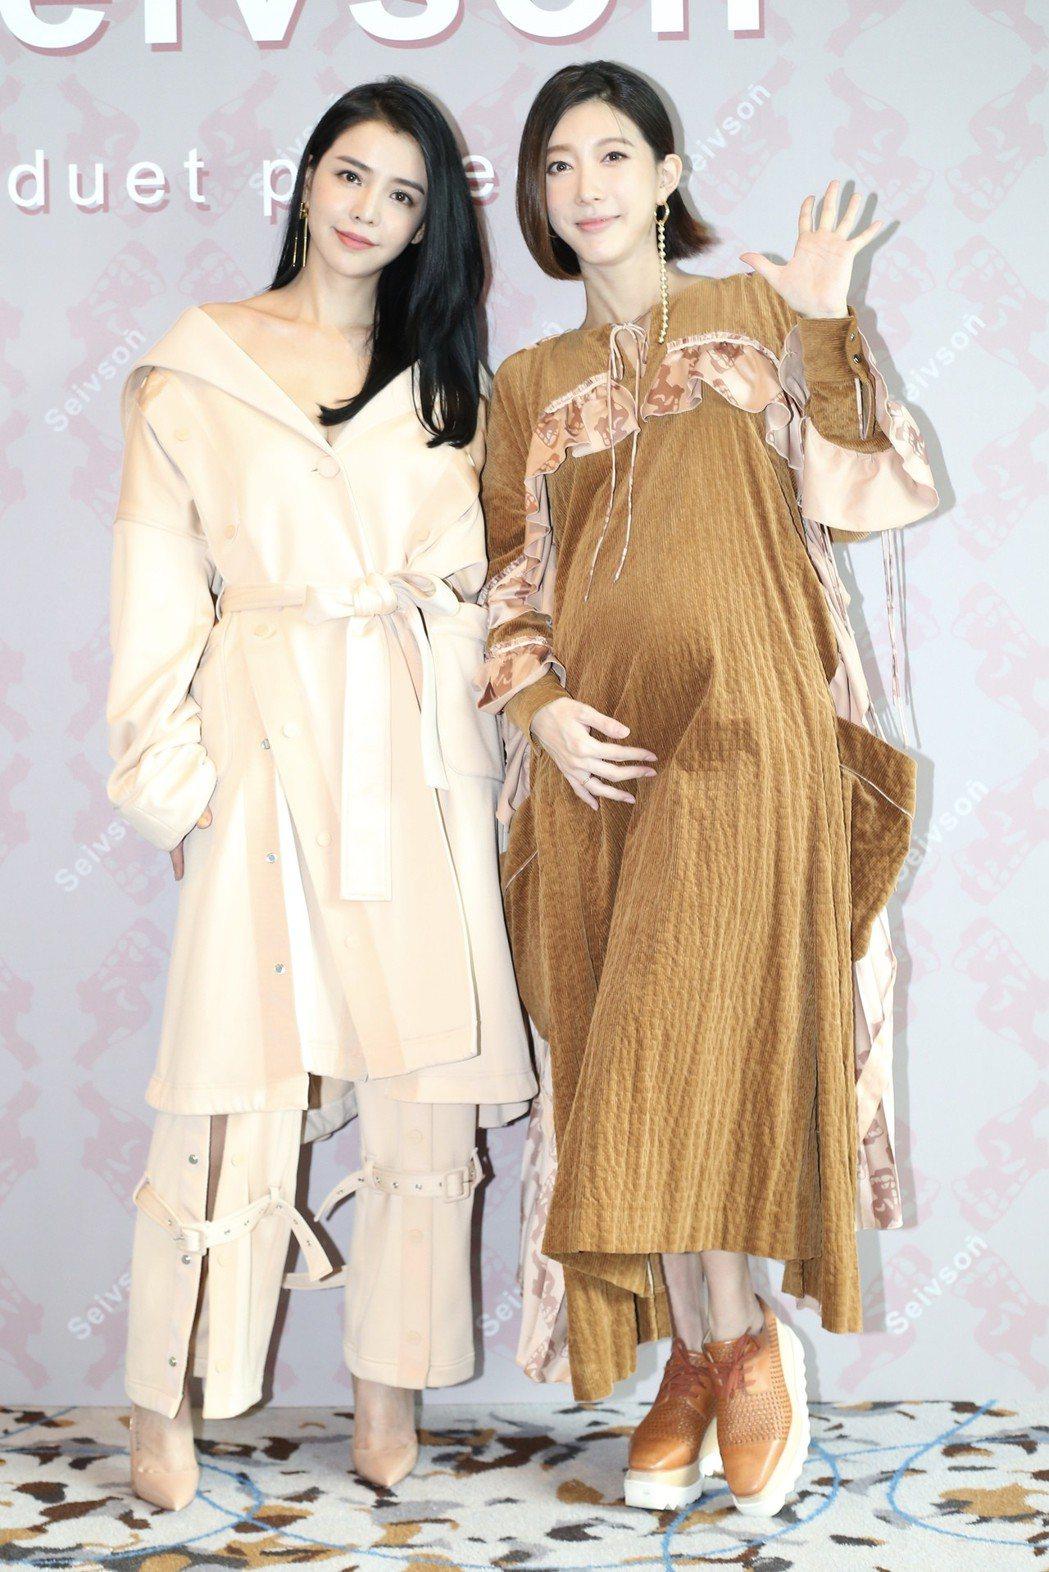 李毓芬(左)為好友宋米秦(右)的服裝品牌代言,她一出場就摸著懷孕的宋米秦直說媽媽...